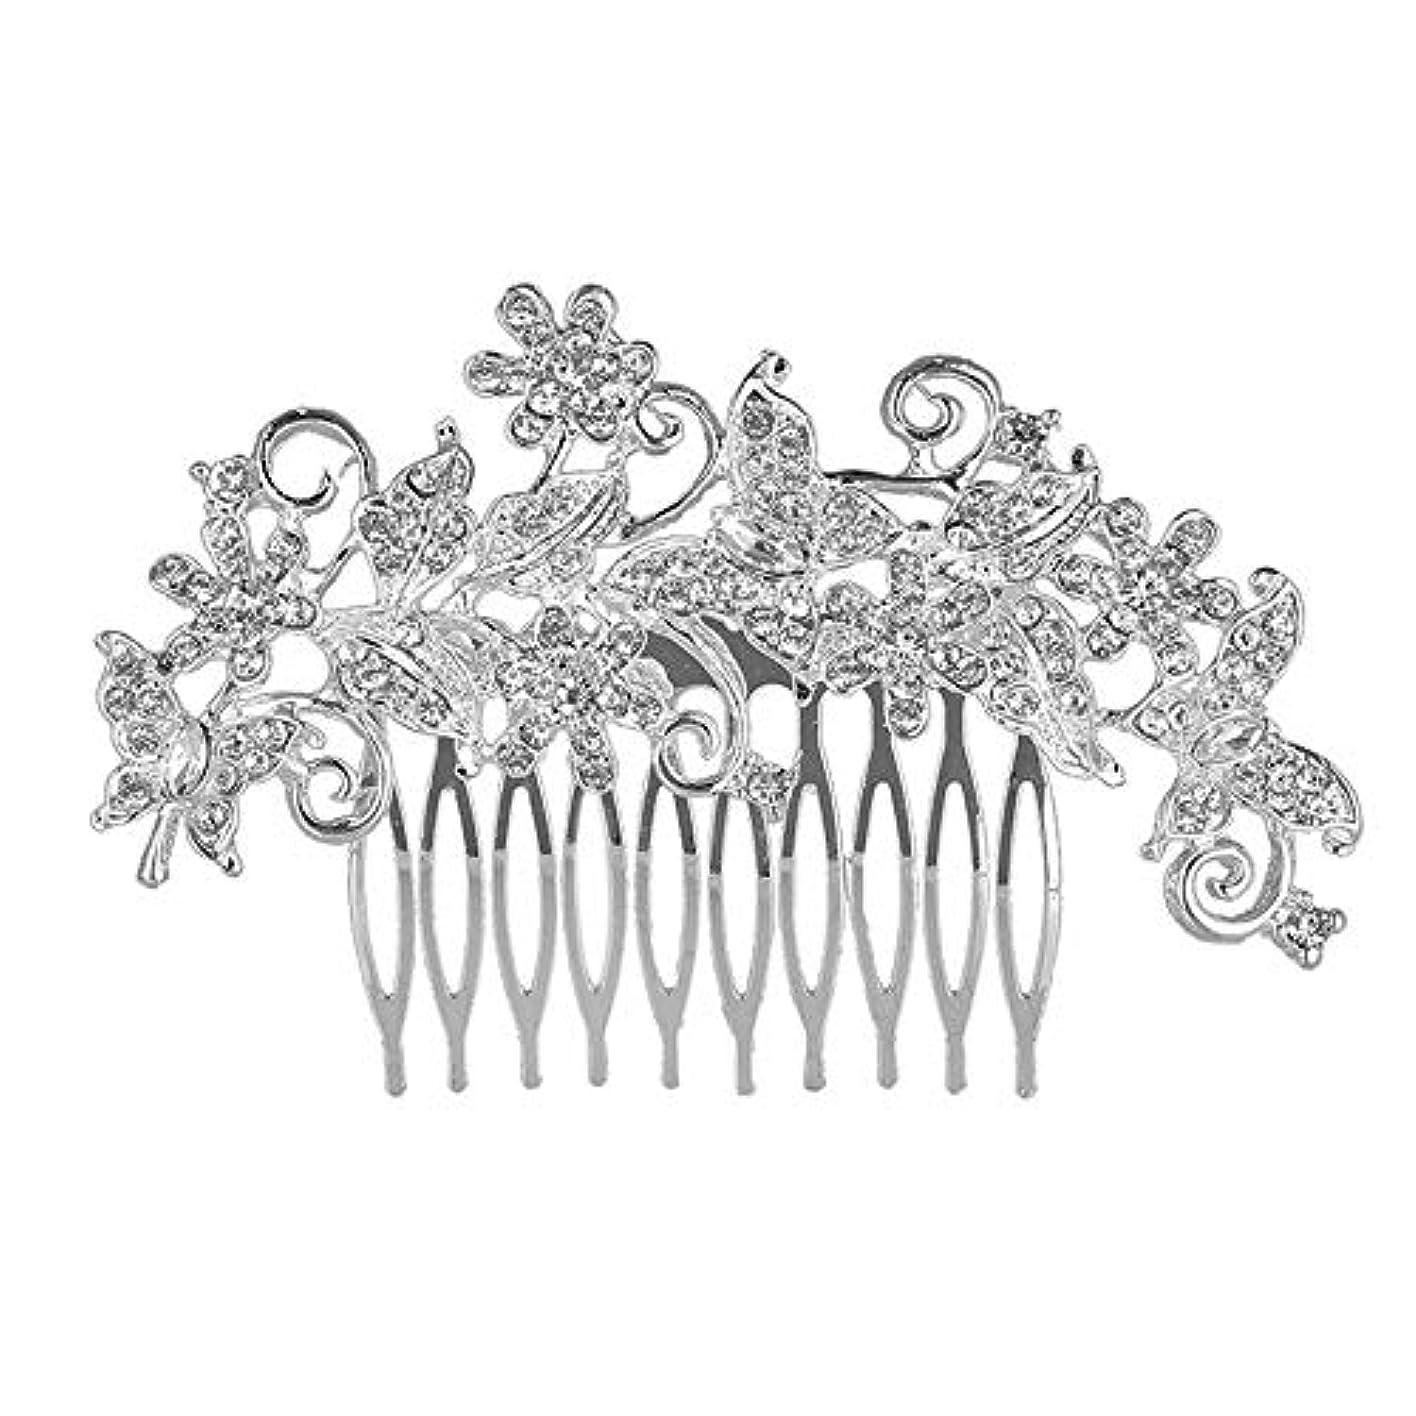 要塞眠いです舗装する韓国のヘアアクセサリー_韓国の花嫁のヘアアクセサリー日の花のヘッドドレスファッションヘアコーム花嫁合金結婚式結婚式卸売